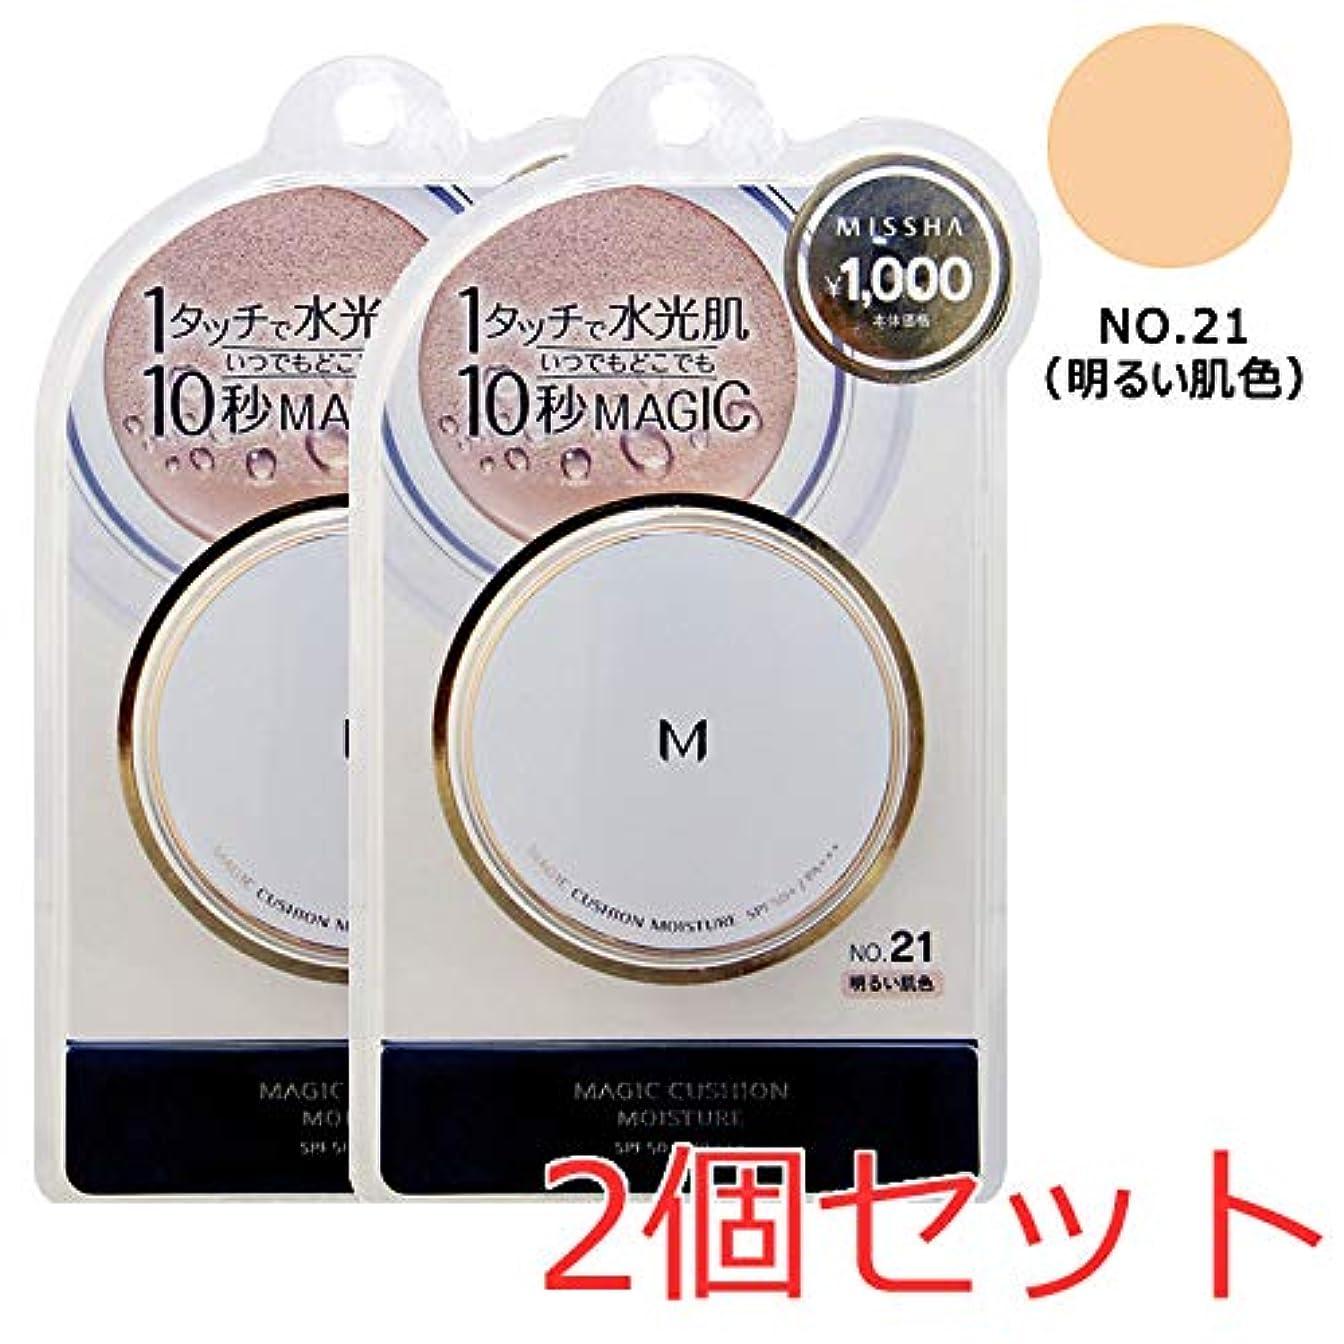 ミシャ M クッション ファンデーション (モイスチャー) No.21 明るい肌色 2個セット